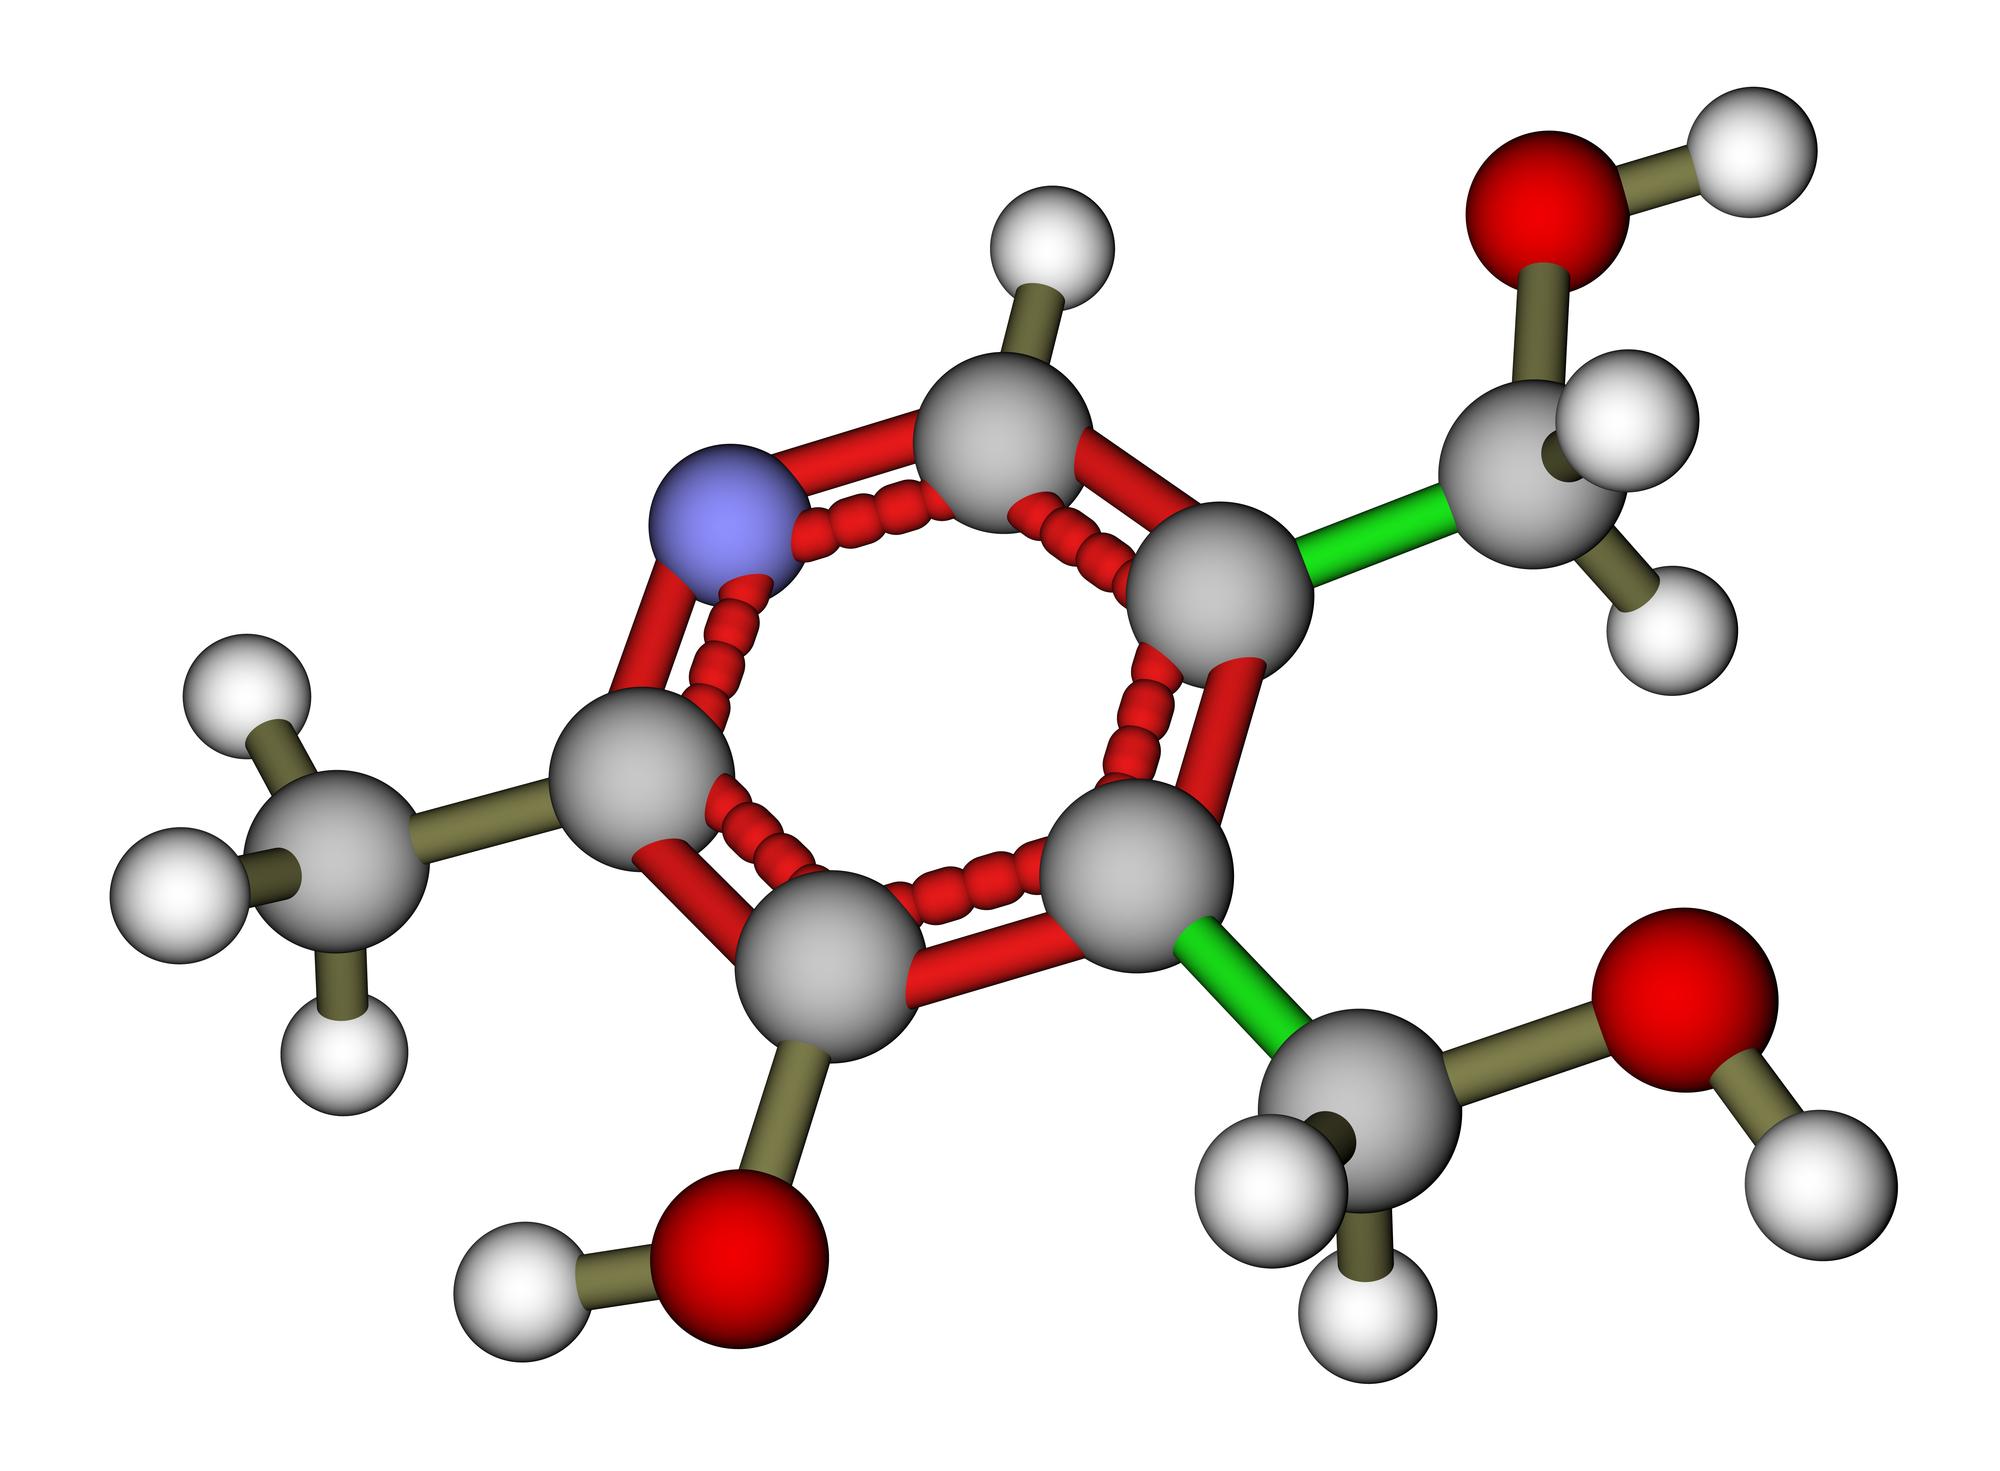 Pyridoxine (vitamin B6) molecular structure